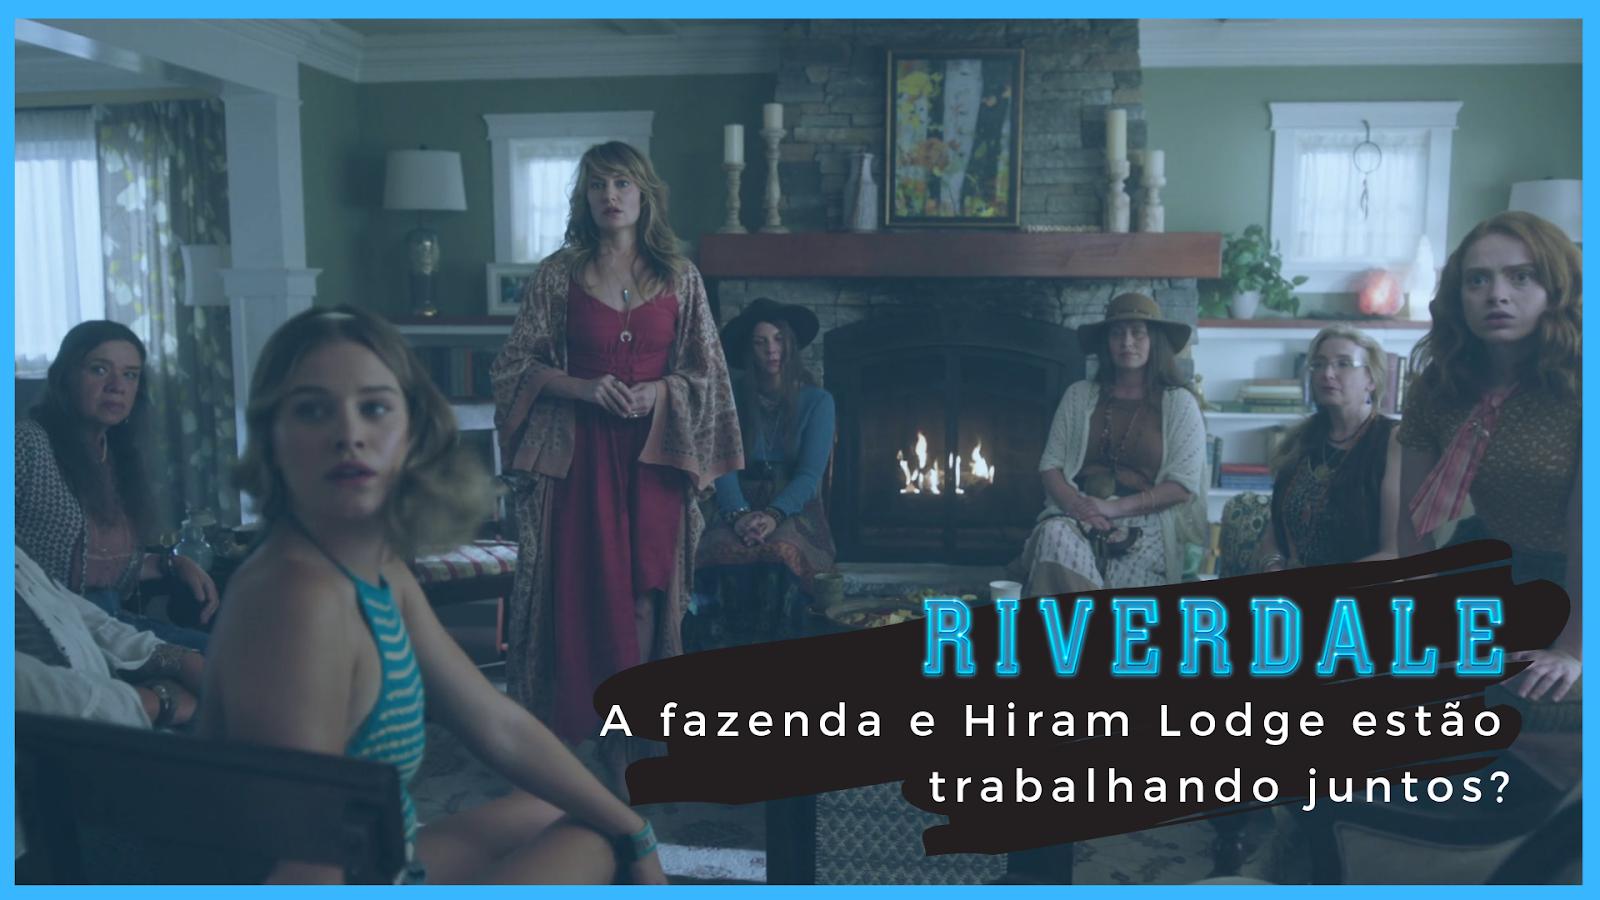 Riverdale | A fazenda e Hiram Lodge estão trabalhando juntos?